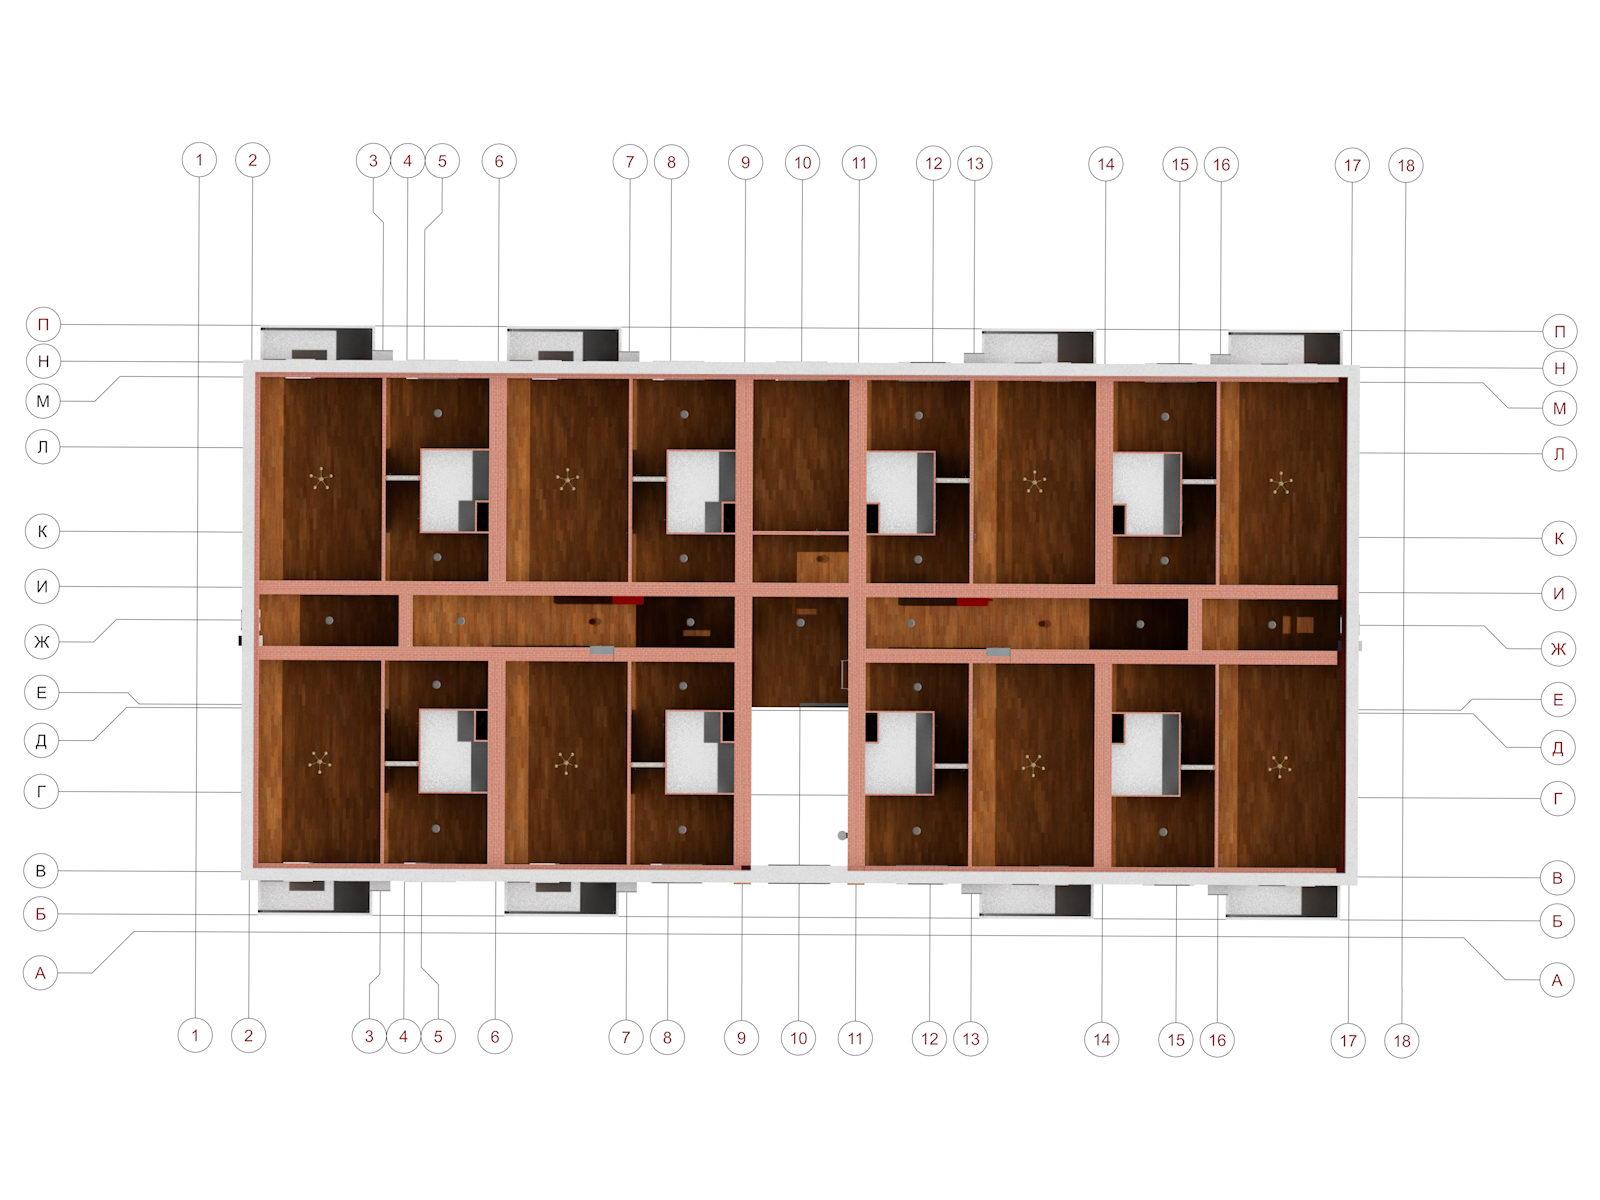 Автономное отопление домов монтаж котельной на сайте kran/18.htm виртуалчные хостинги под игровые сервера